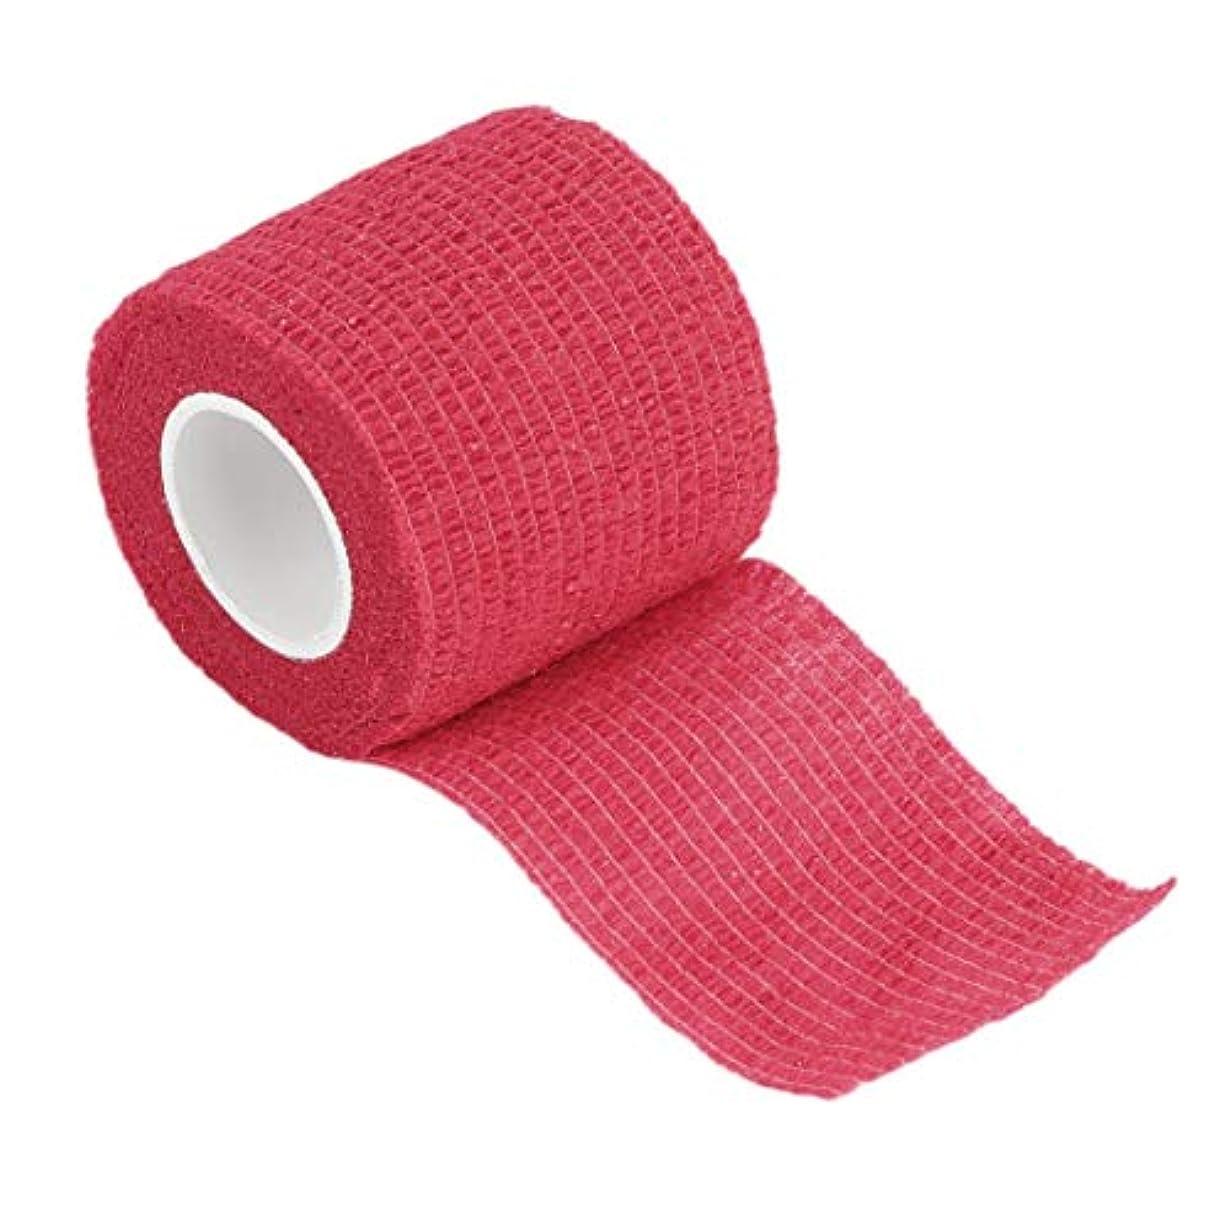 酸重大アイスクリーム5cm * 4.5m不織布ファブリック自己接着包帯ラップ弾性接着剤応急処置テープストレッチ肘と膝パッド(Rustle666)